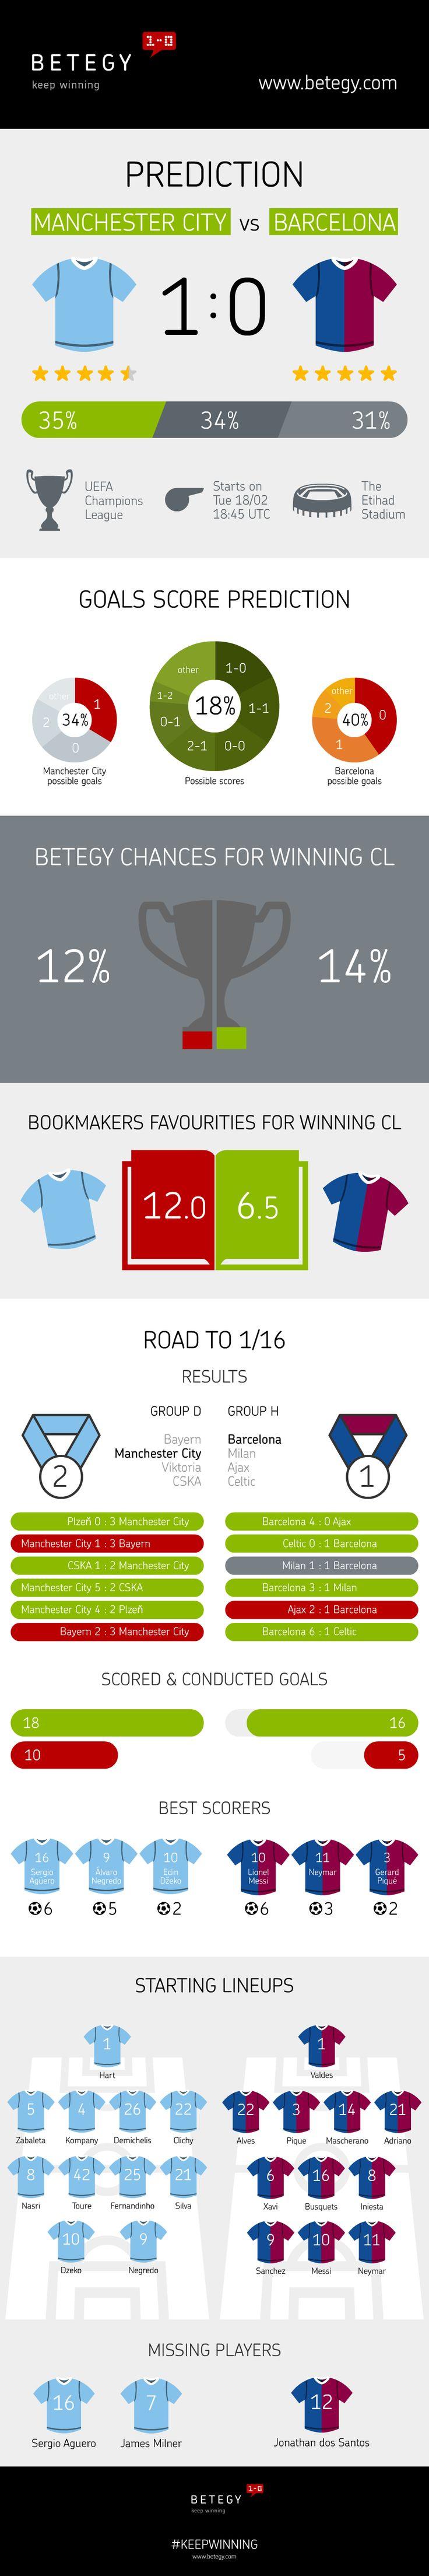 Manchester City vs FC Barcelona